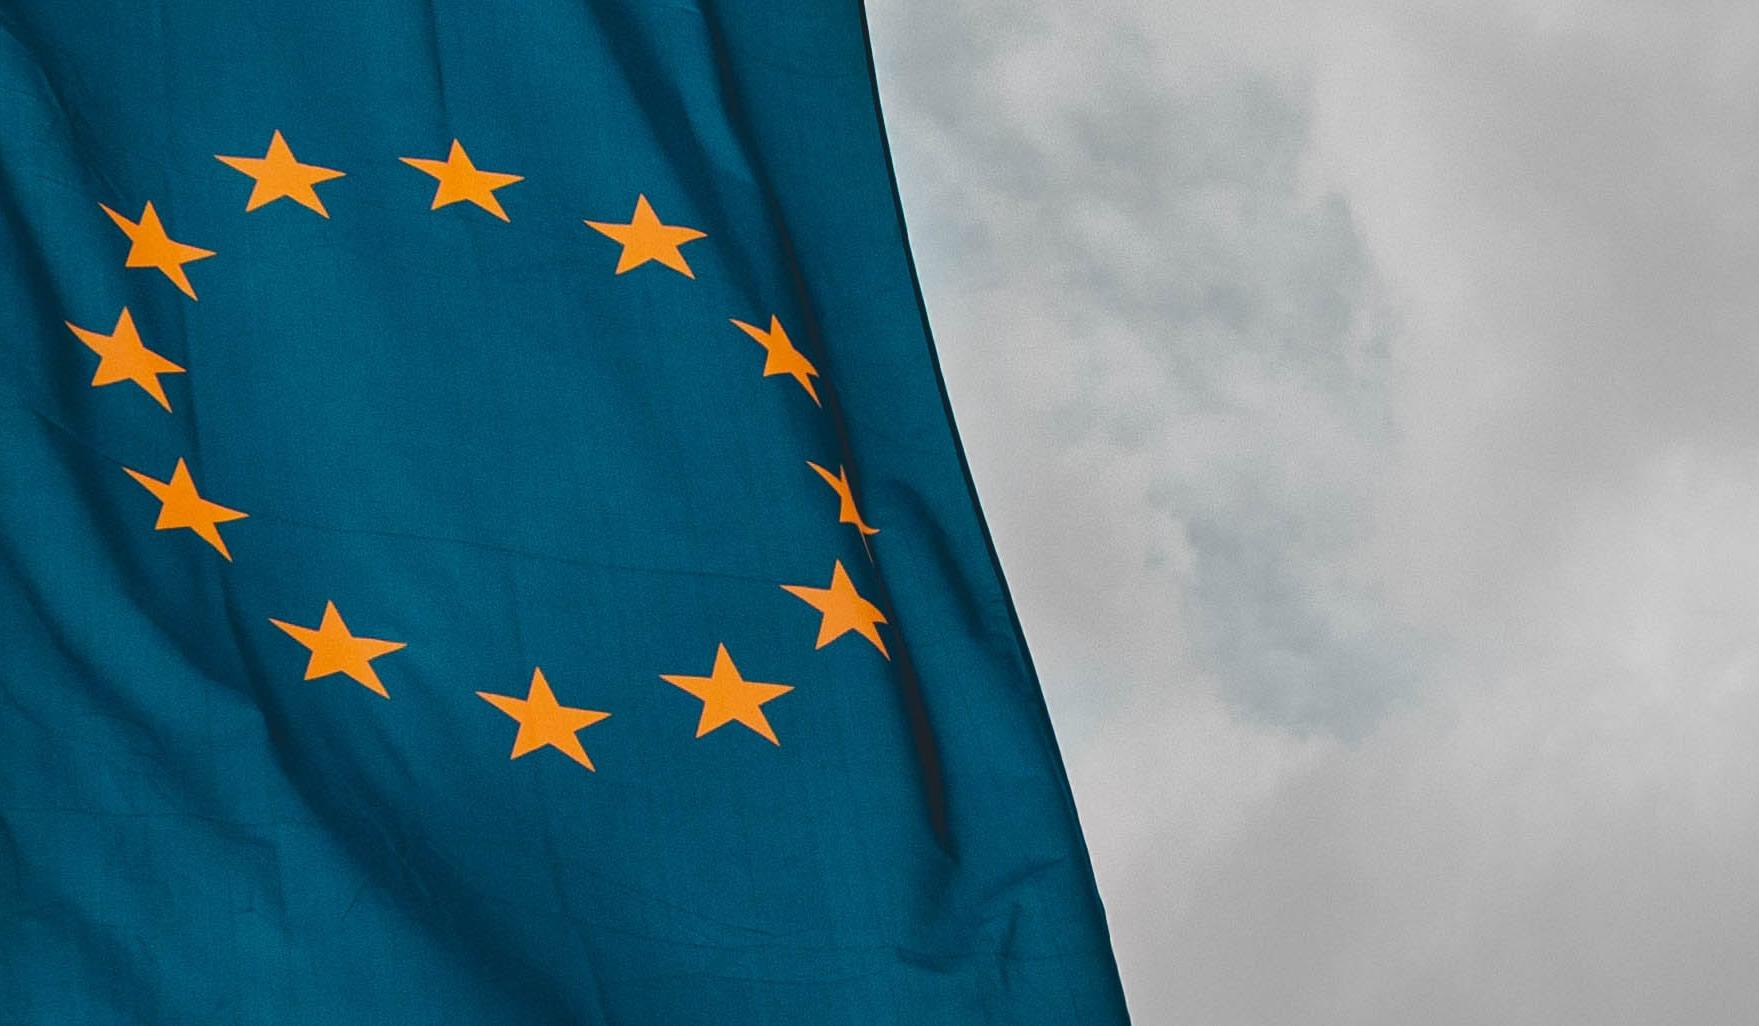 L'Europa può continuare a vivere solo se gli europei si difendono l'un l'altro – Intellettuali, artisti, politici ed economisti chiedono un Fondo Corona